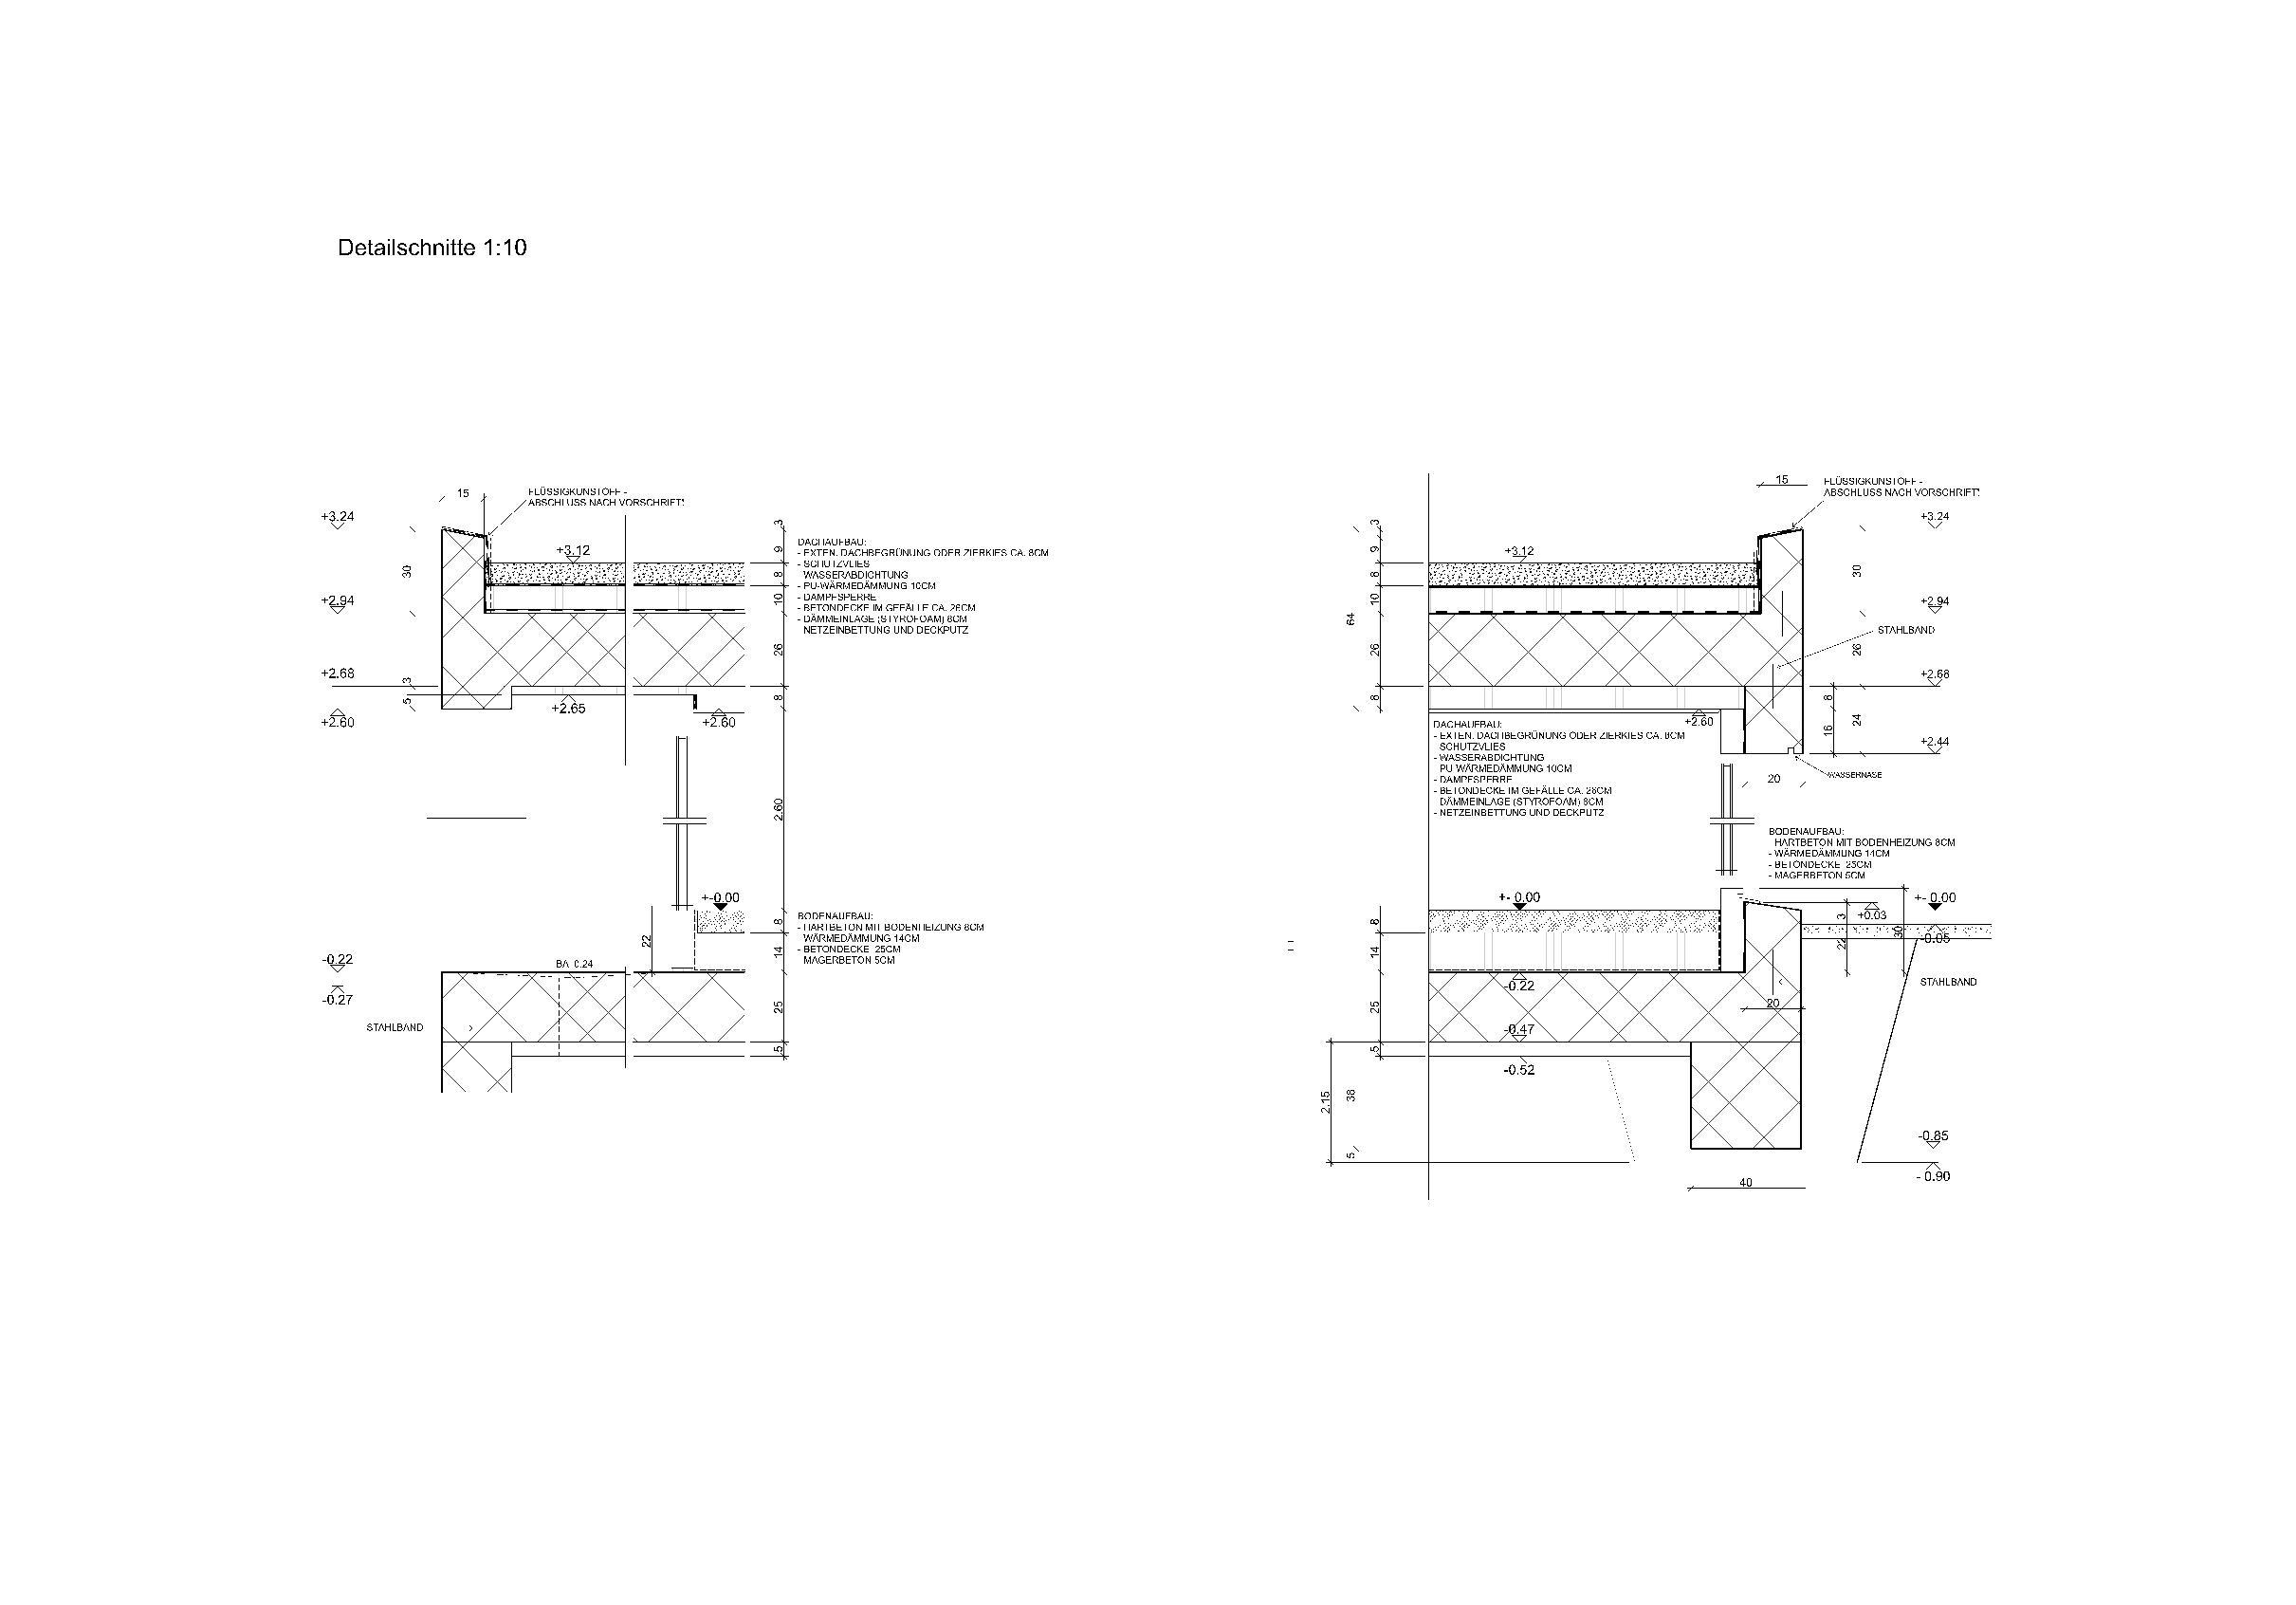 Detailschnitte 1:10 Ersatzneubau - Bungalow Mediterrano von Studio Baumann